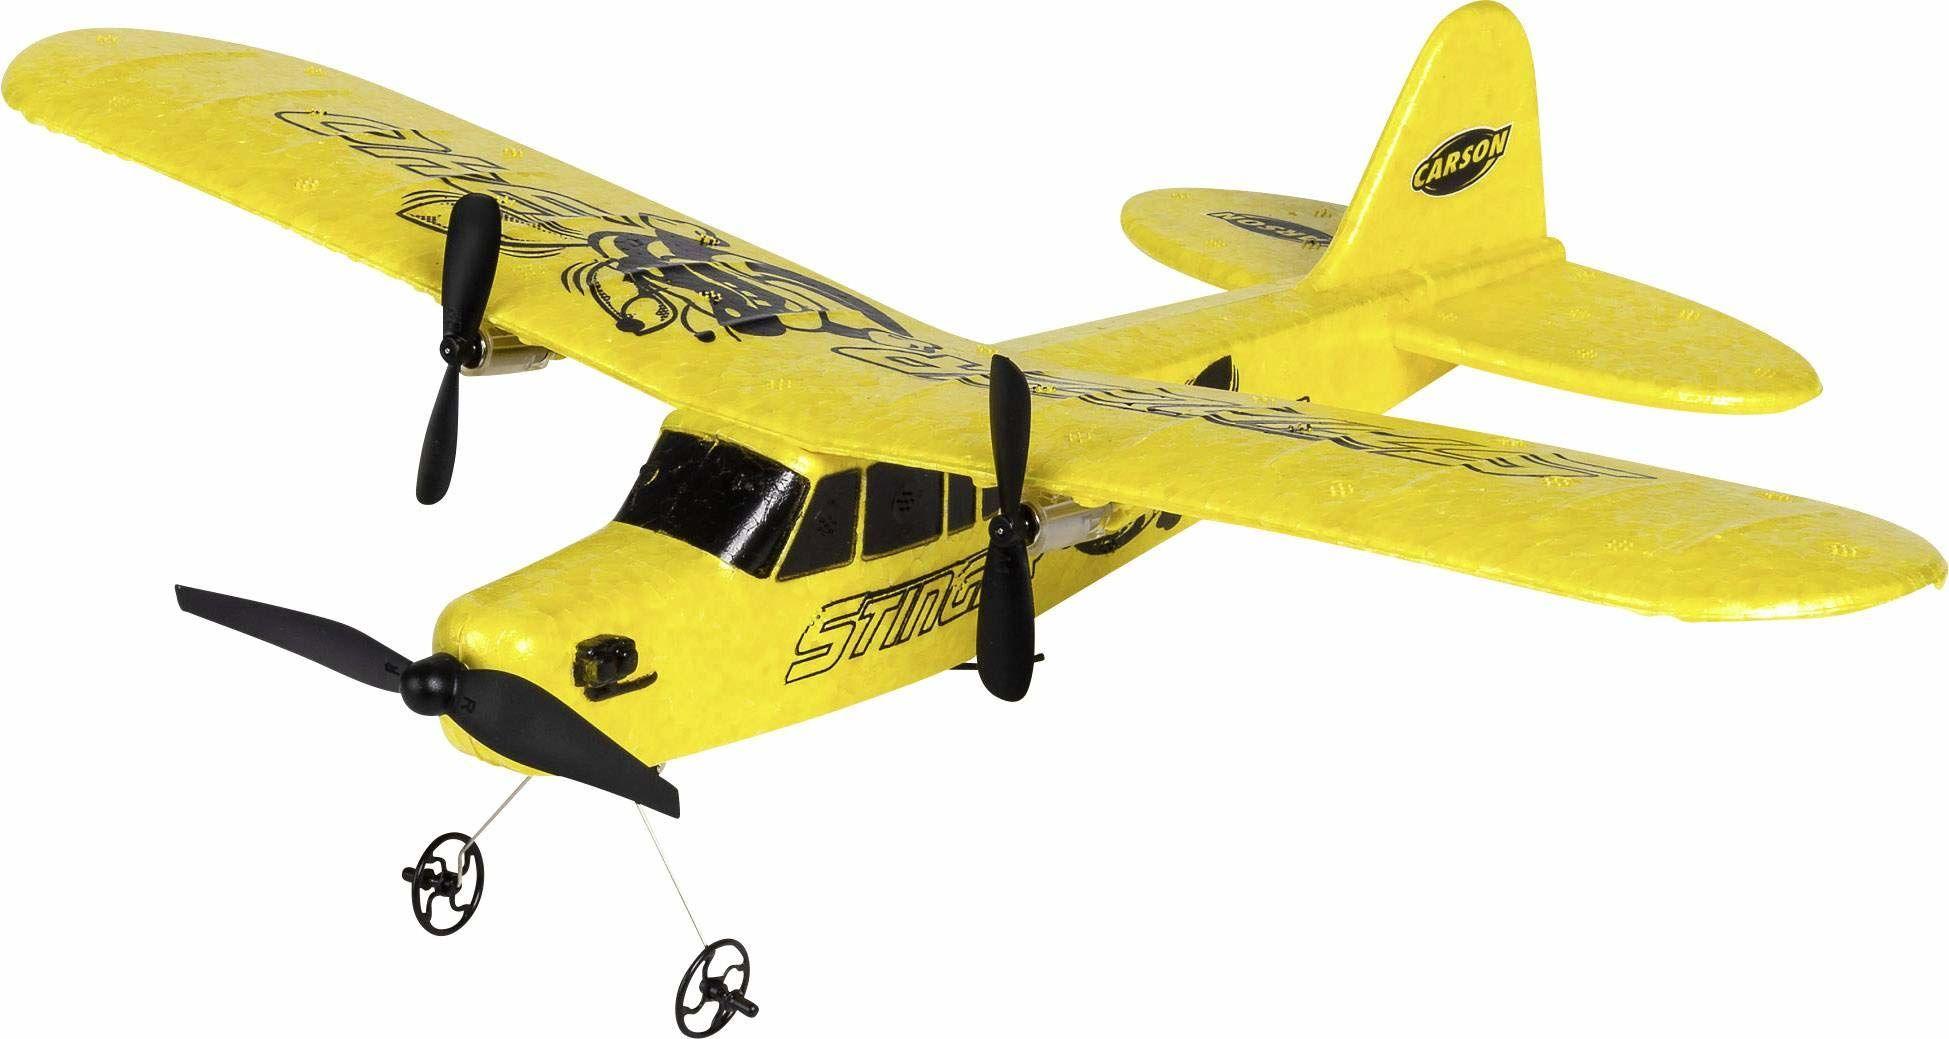 Carson 500505029 500505029-Stinger 340 2.4G RTF, zdalnie sterowane modele lotu, model, samolot RC wraz z bateriami i pilotem, 100% gotowość do lotu, żółty